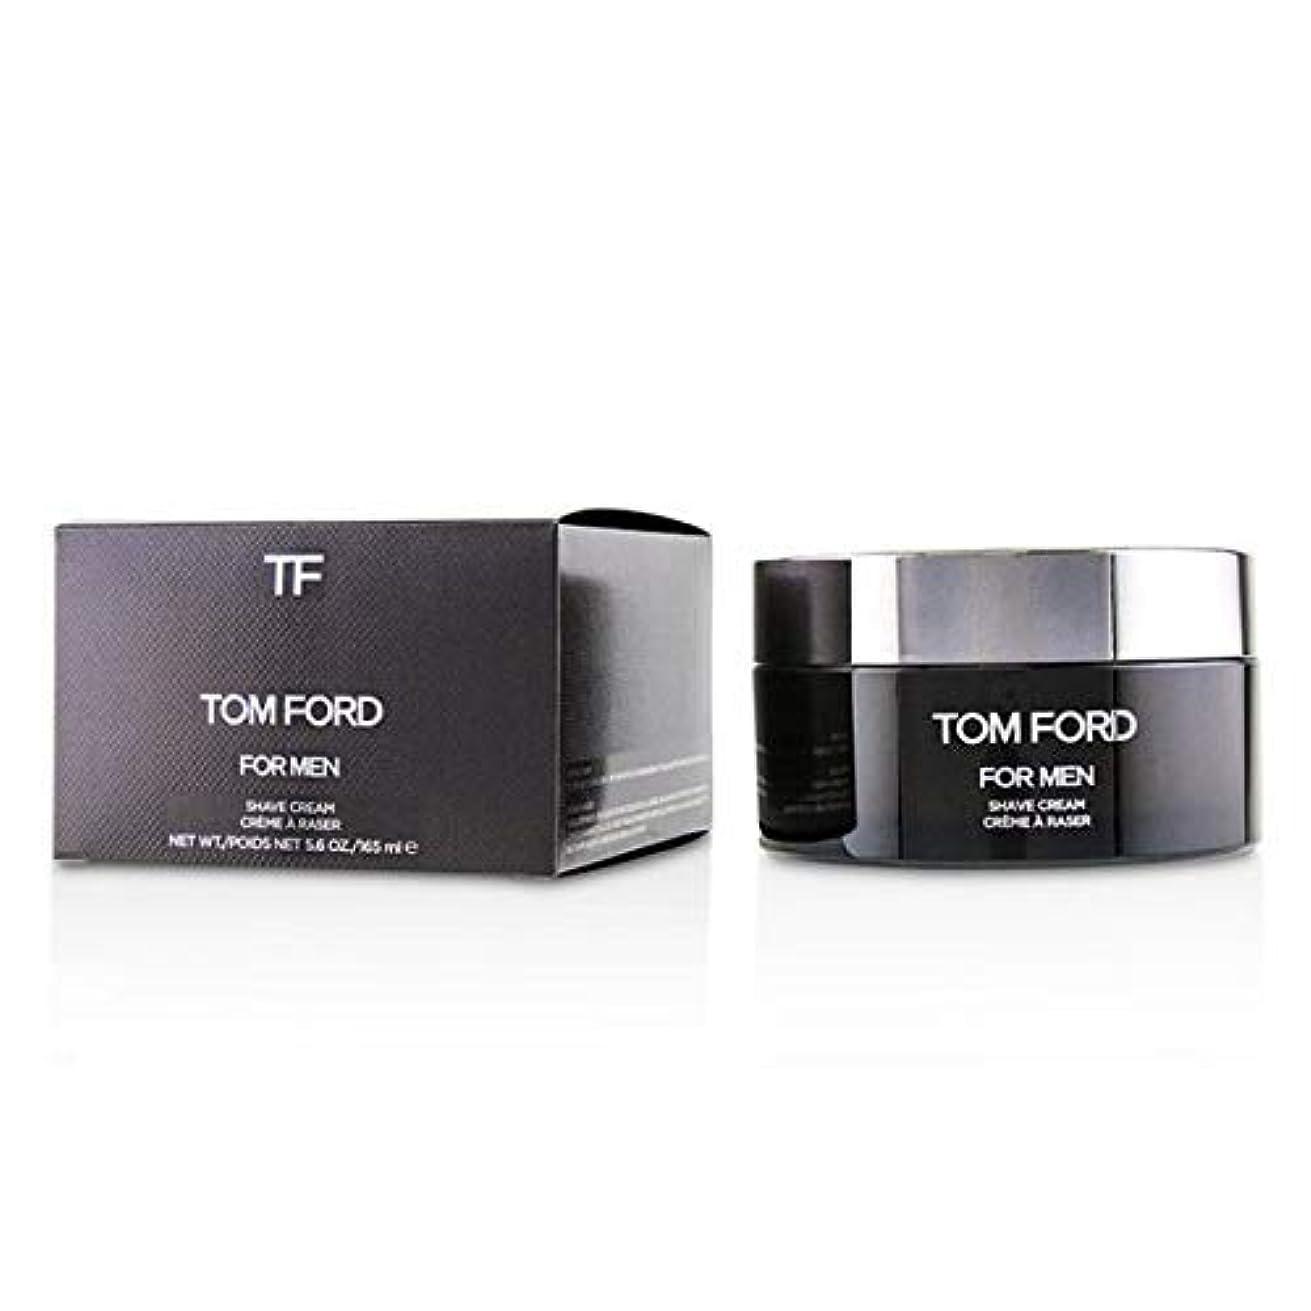 虚偽回転させる砂漠Tom Ford for Men Shave Cream Made in Belgium 165ml / トムフォードメンズフォーシェーブクリームベルギー製165ml